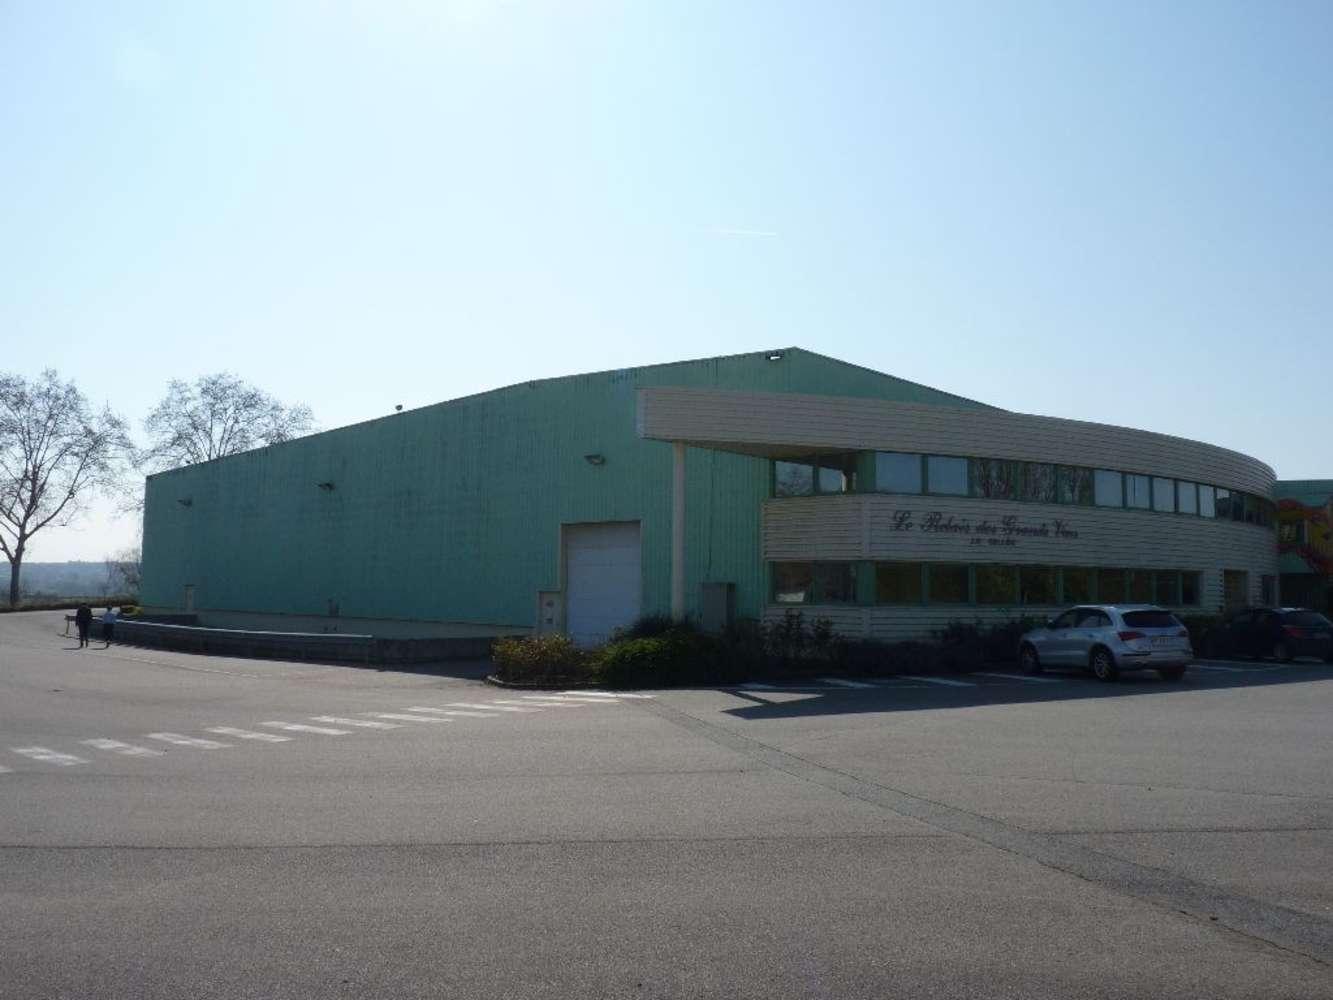 Activités/entrepôt Belleville, 69220 - Entrepôt à louer Lyon Nord - Rhône (69) - 10132935